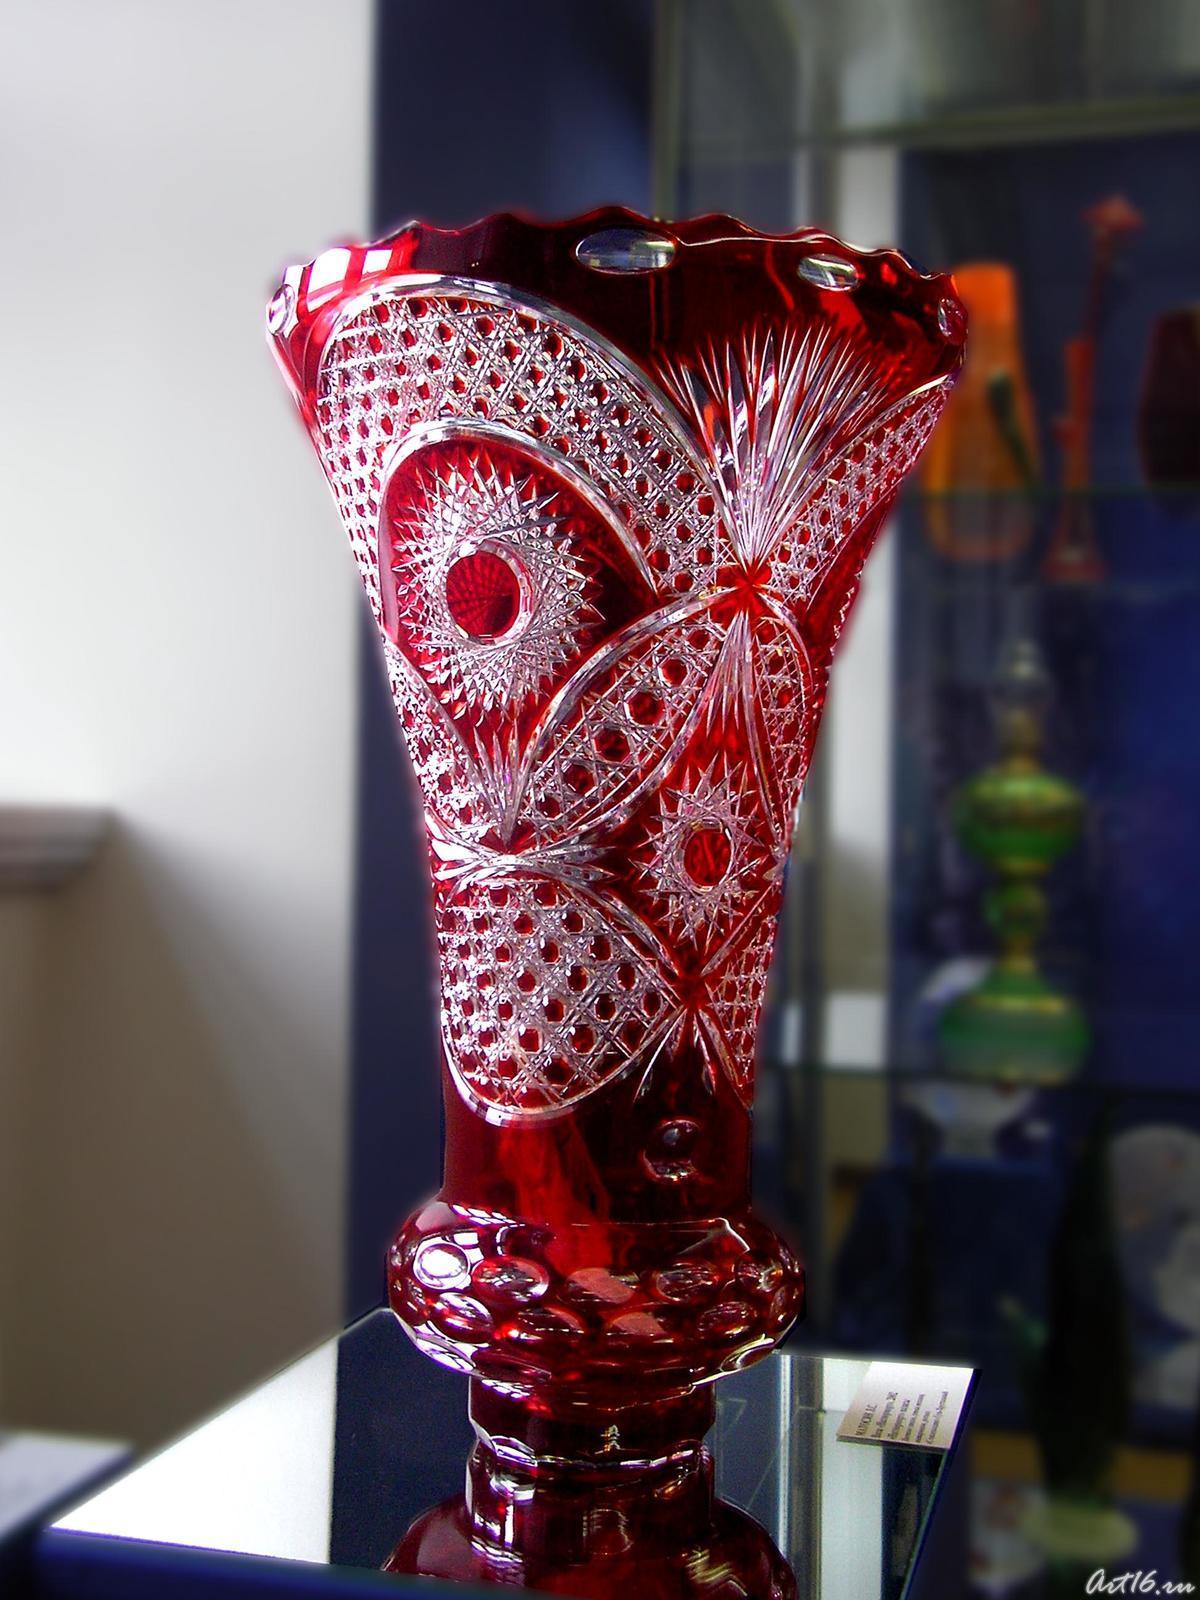 Фото №15417. Элемент вазы для цветов ''Традиция''